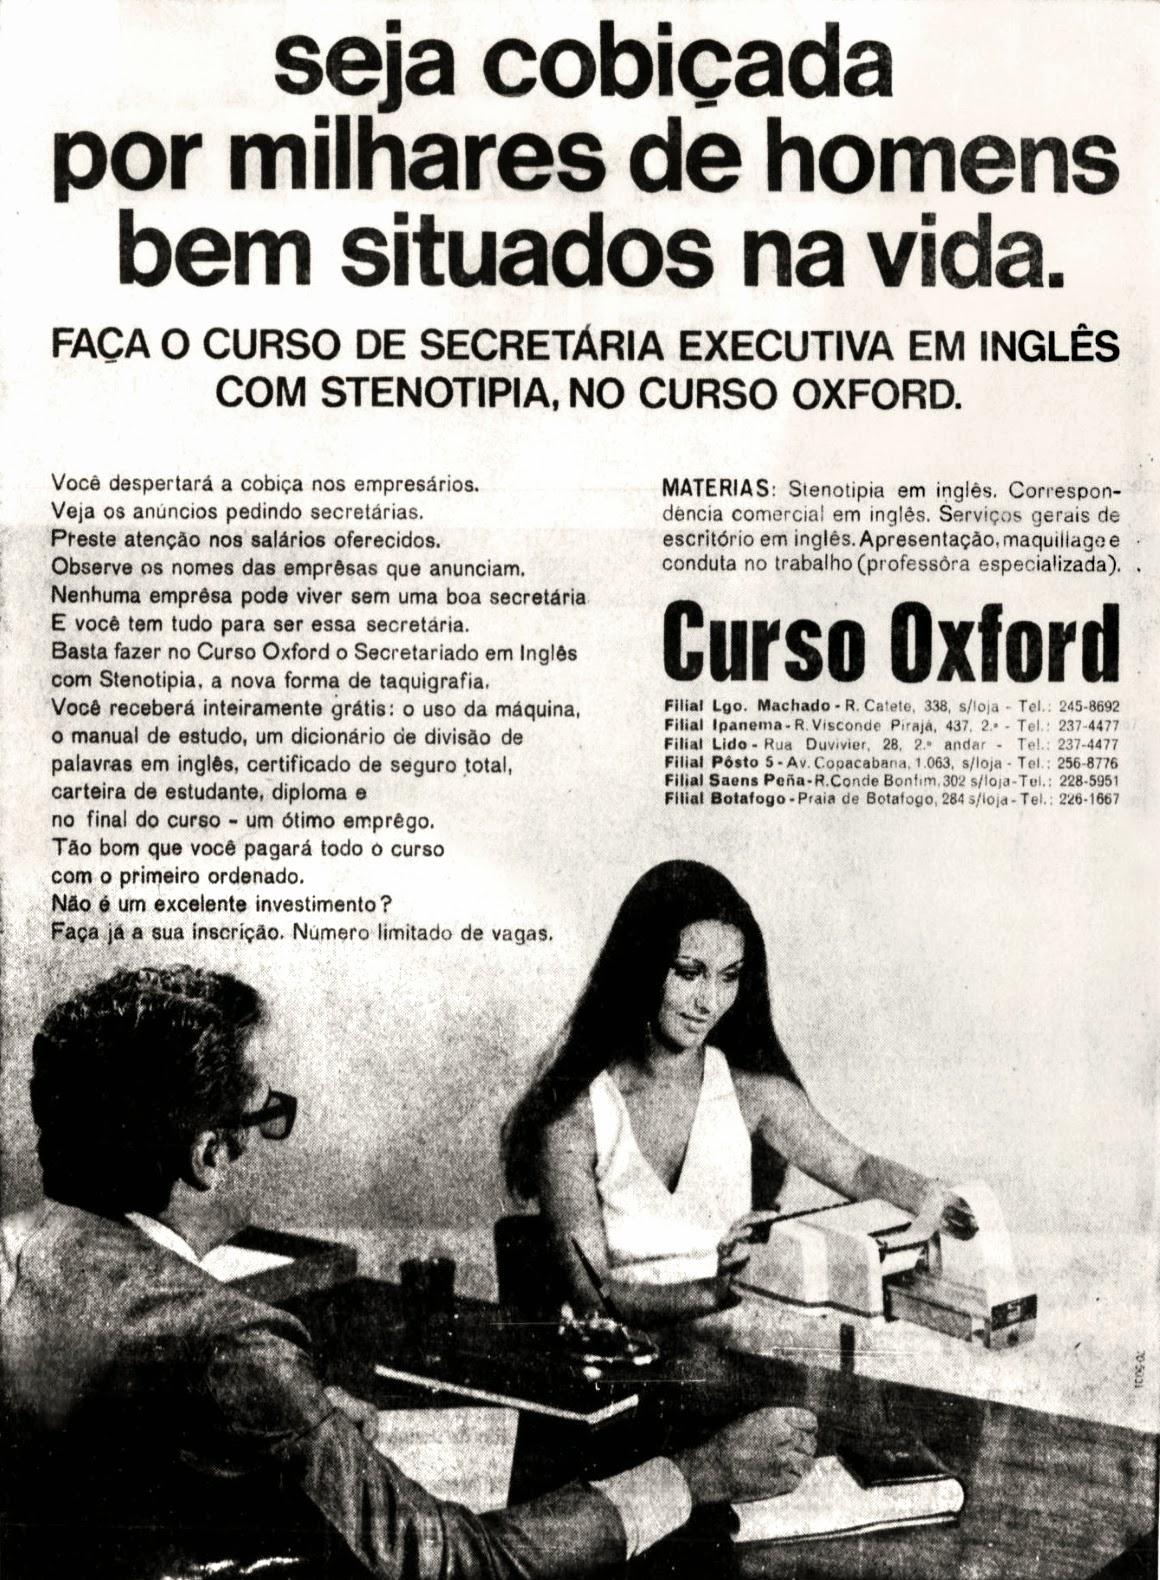 Propaganda do Curso Oxford em 1970 com um título criativo às mulheres da época